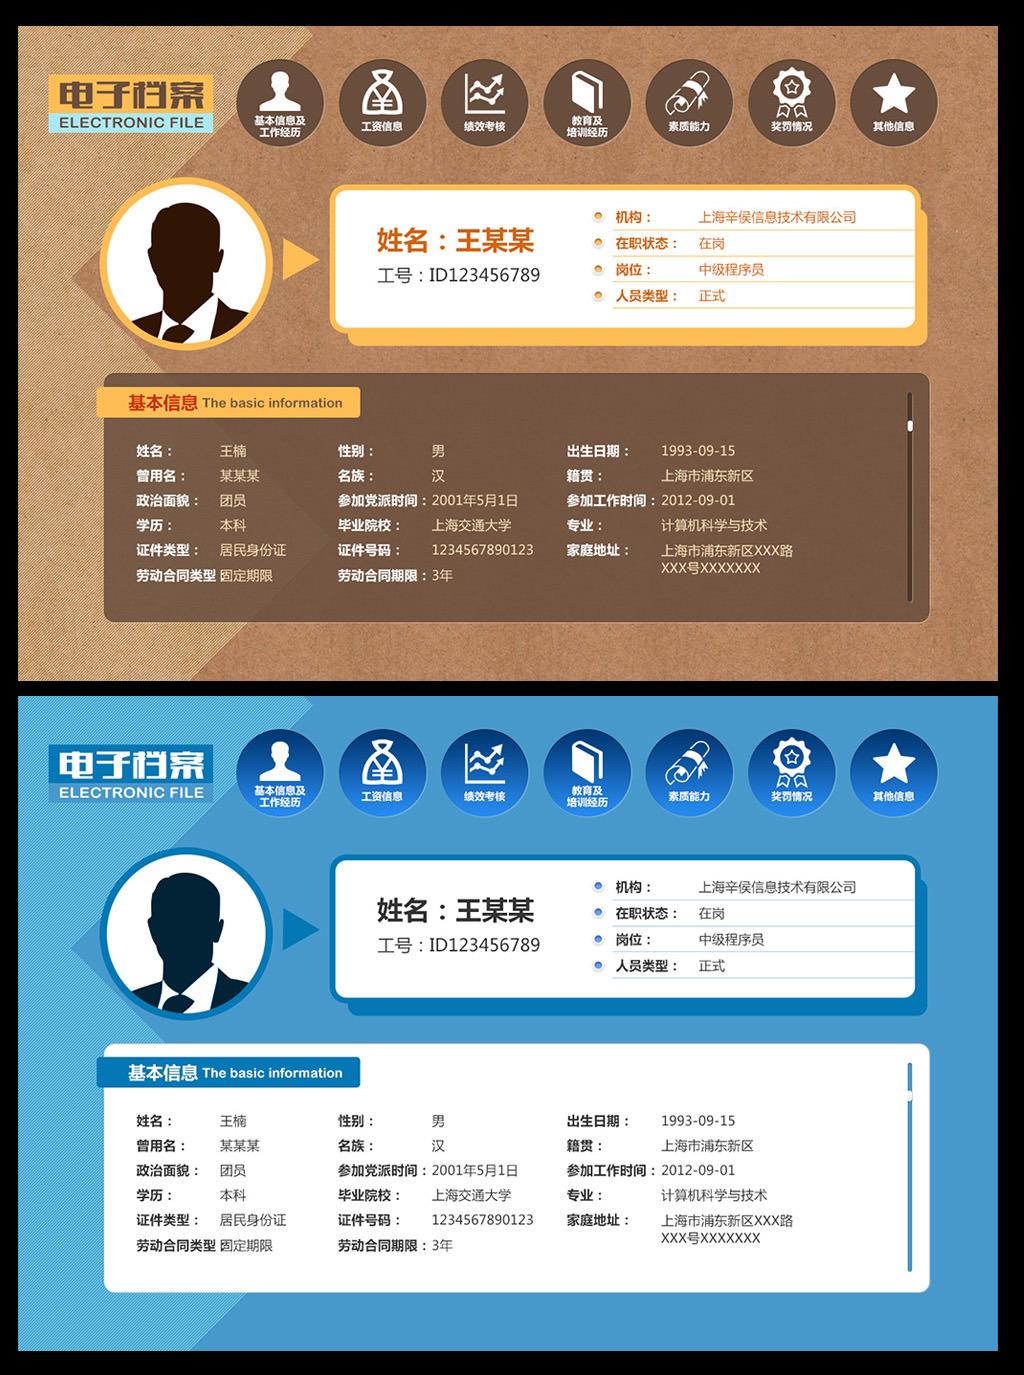 网页简历 个人简历 电子简历 简历设计简历模板网页设计网页模板 简历图片